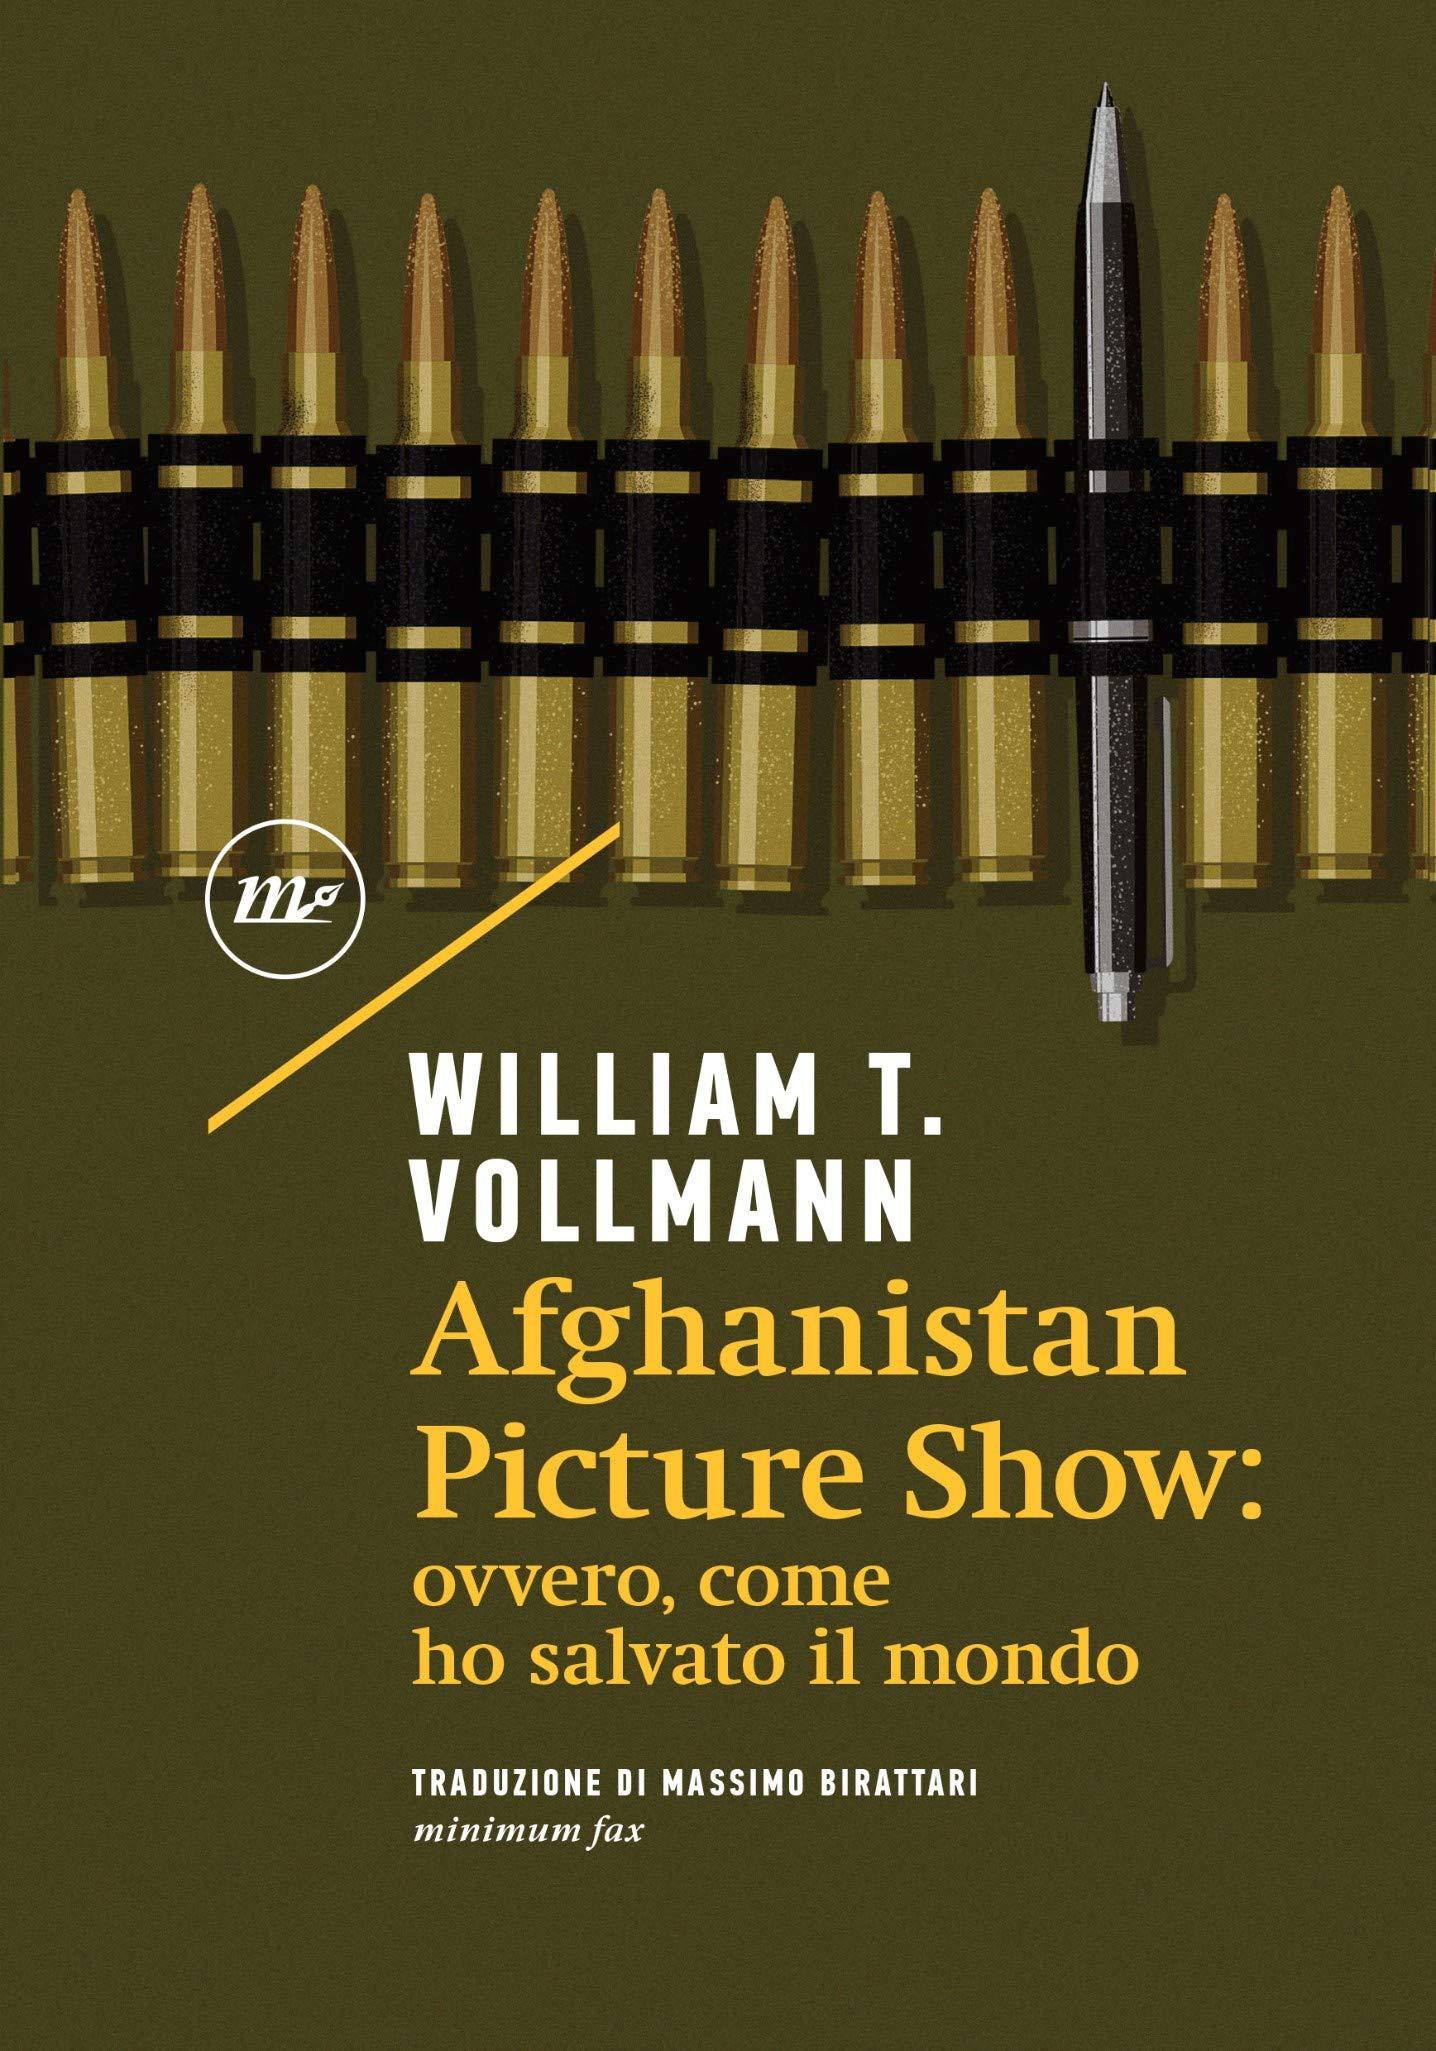 Afghanistan Picture Show: ovvero, come ho salvato il mondo